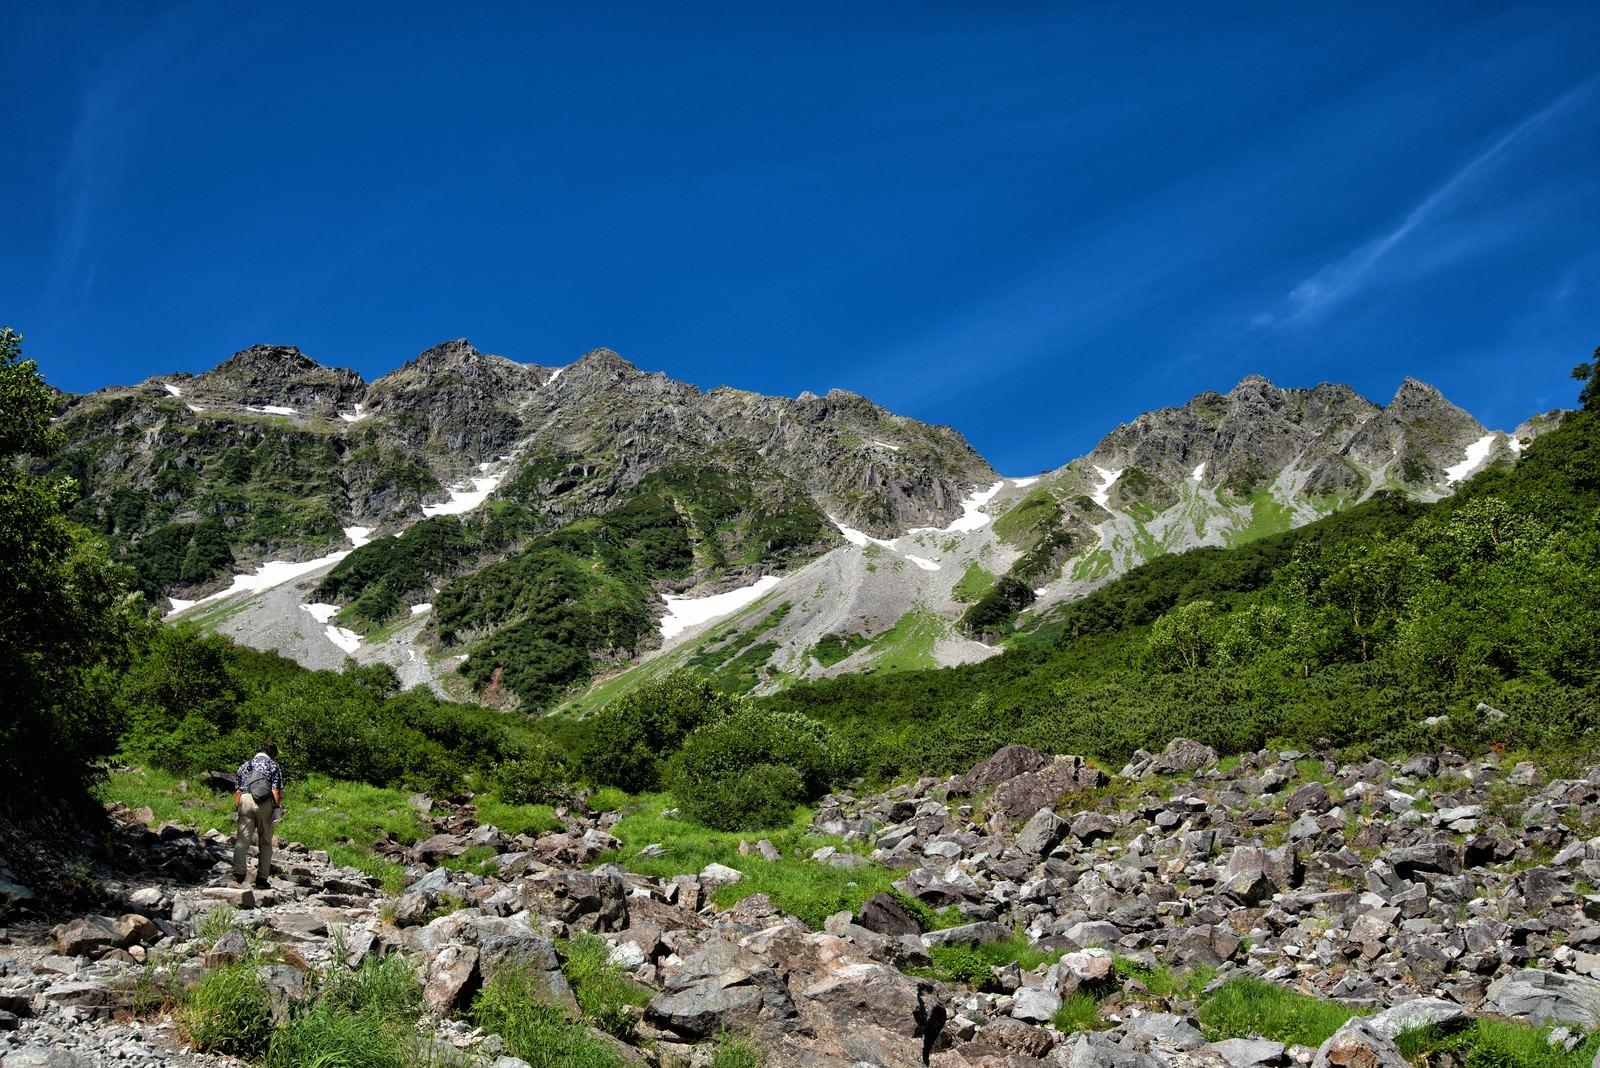 「涸沢カールに挑む登山者」の写真